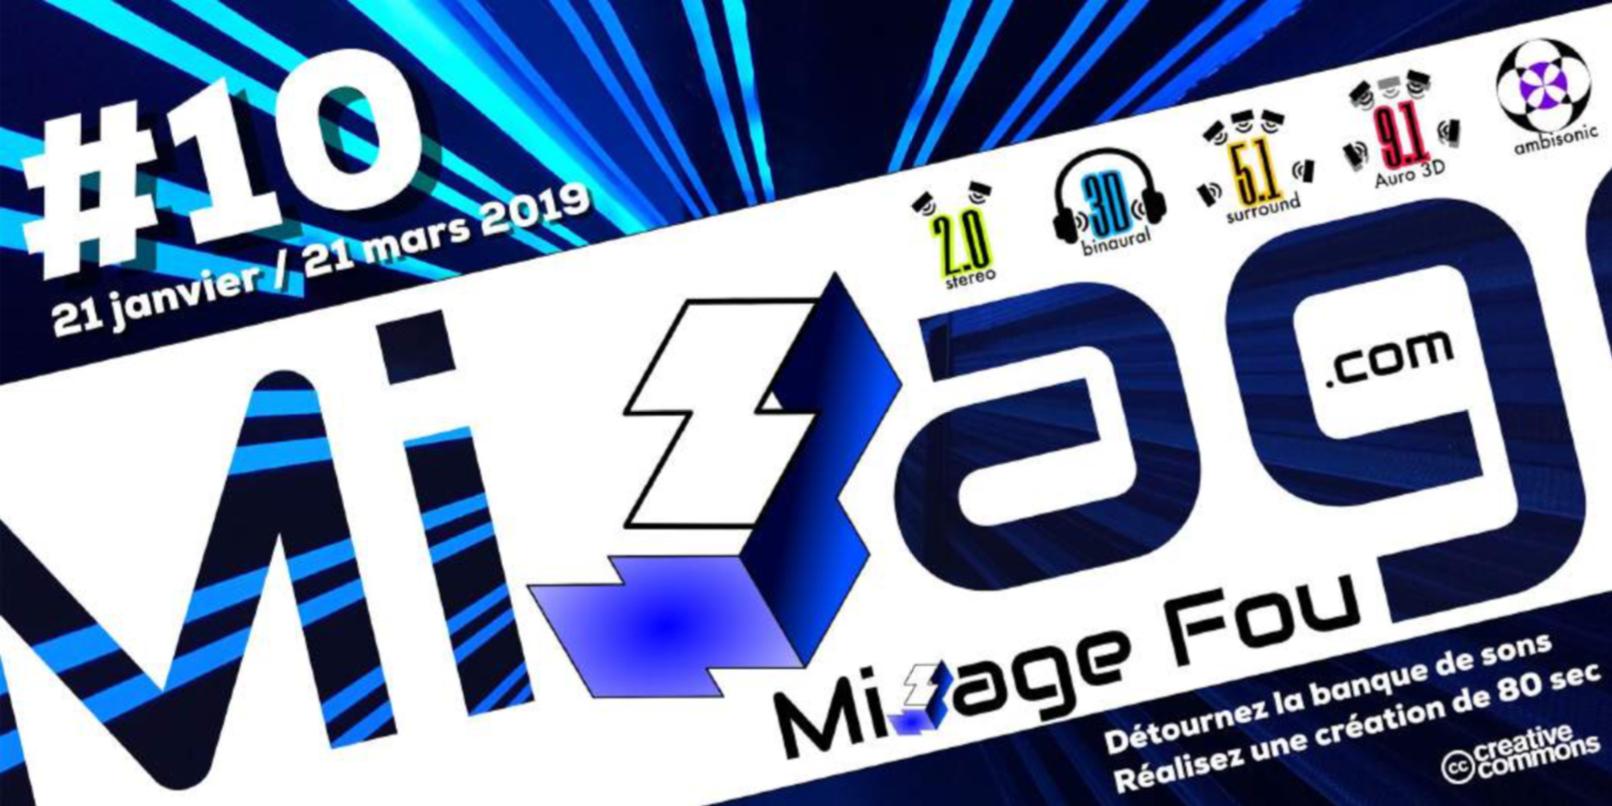 Lancement Concours Mixage FOU 2019